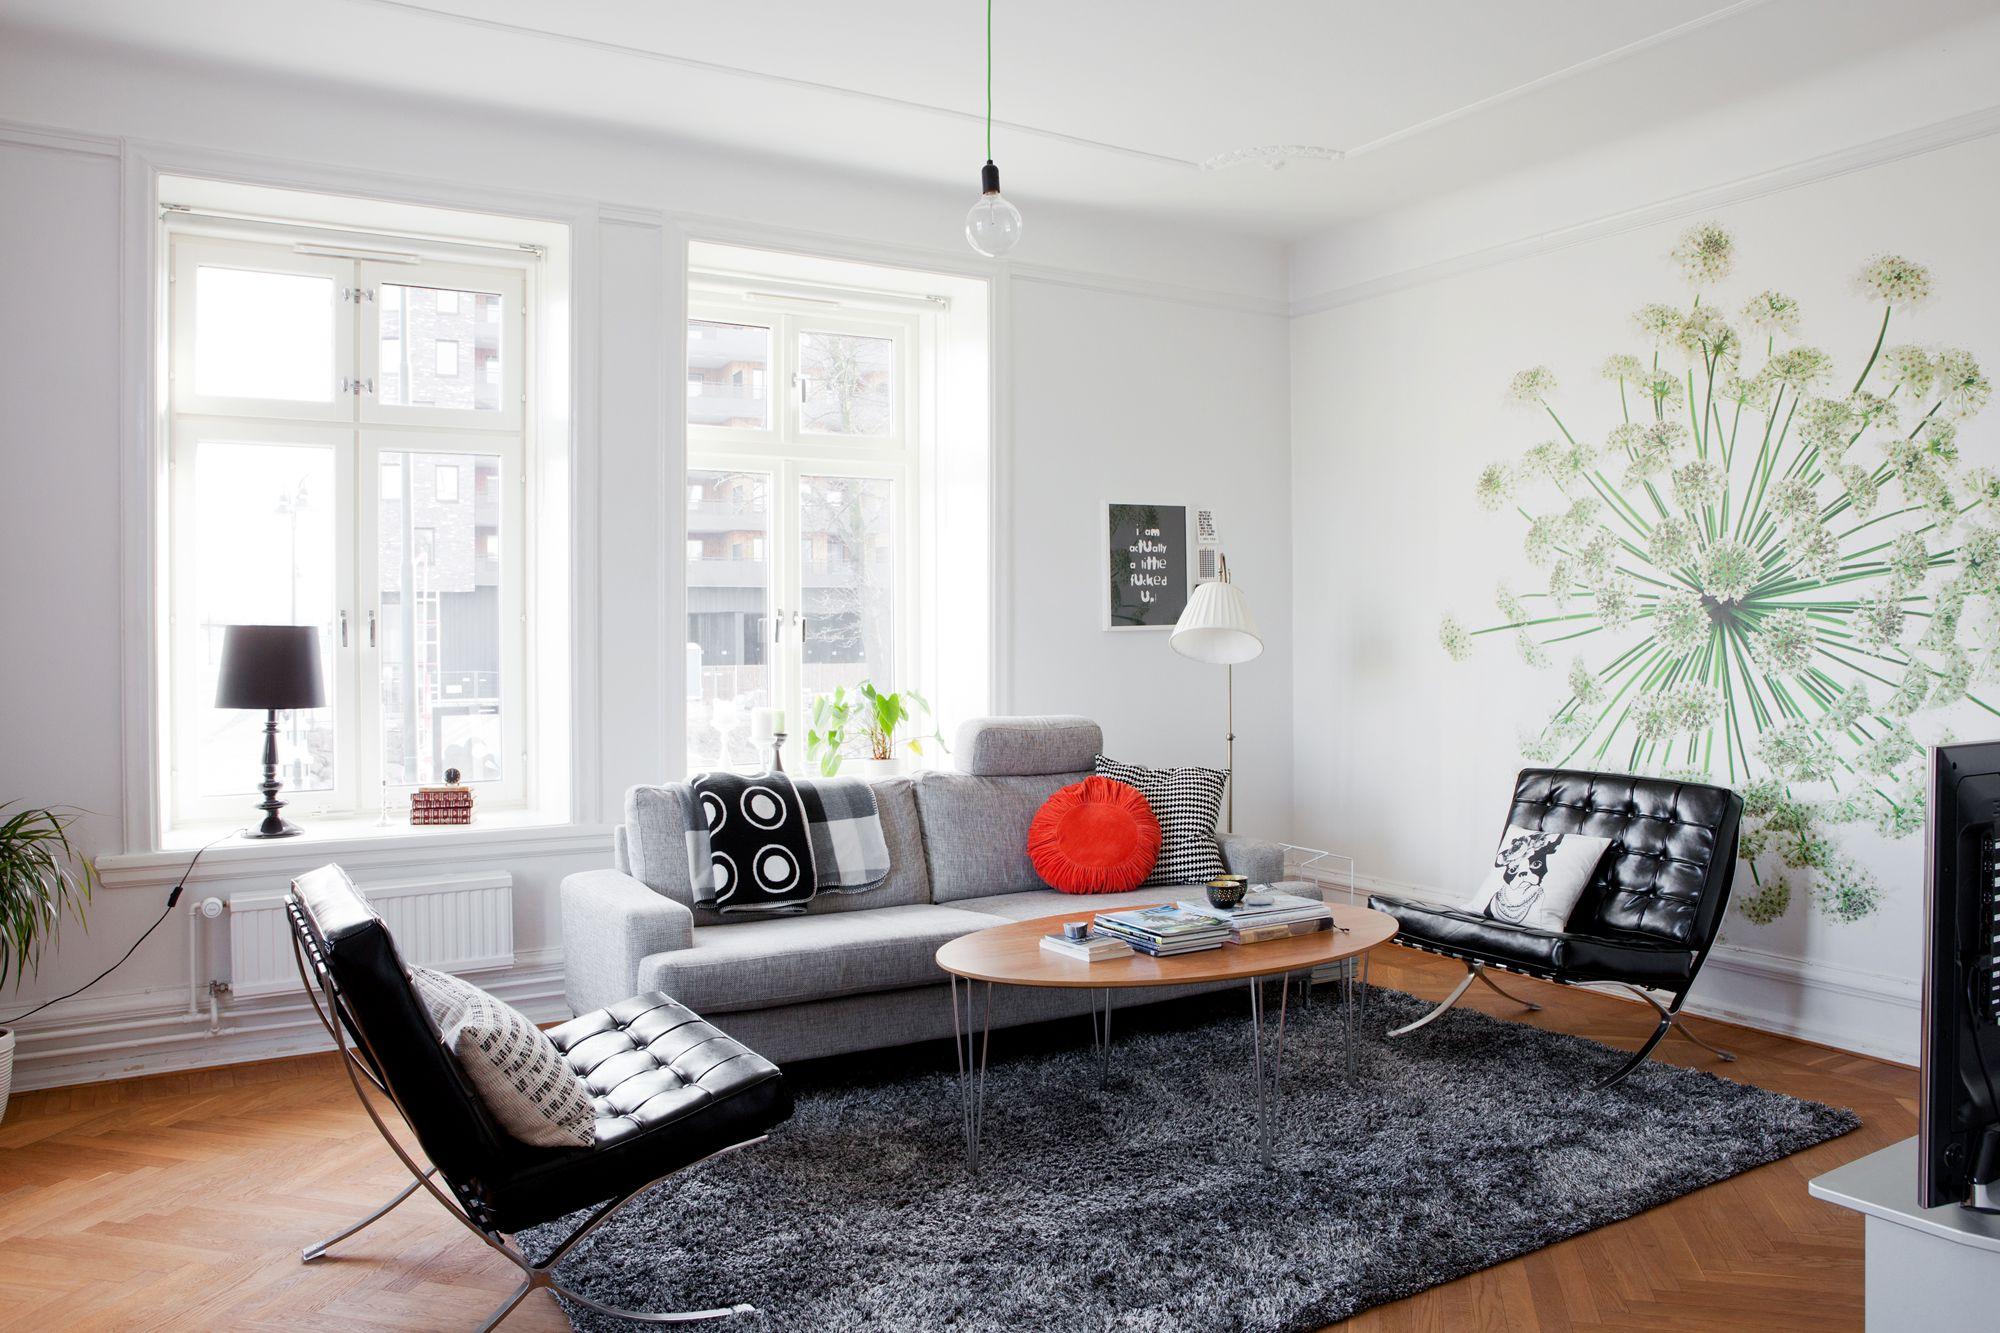 Oficina para dos en el coraz n de la casa blog - Blogs de decoracion de casas ...